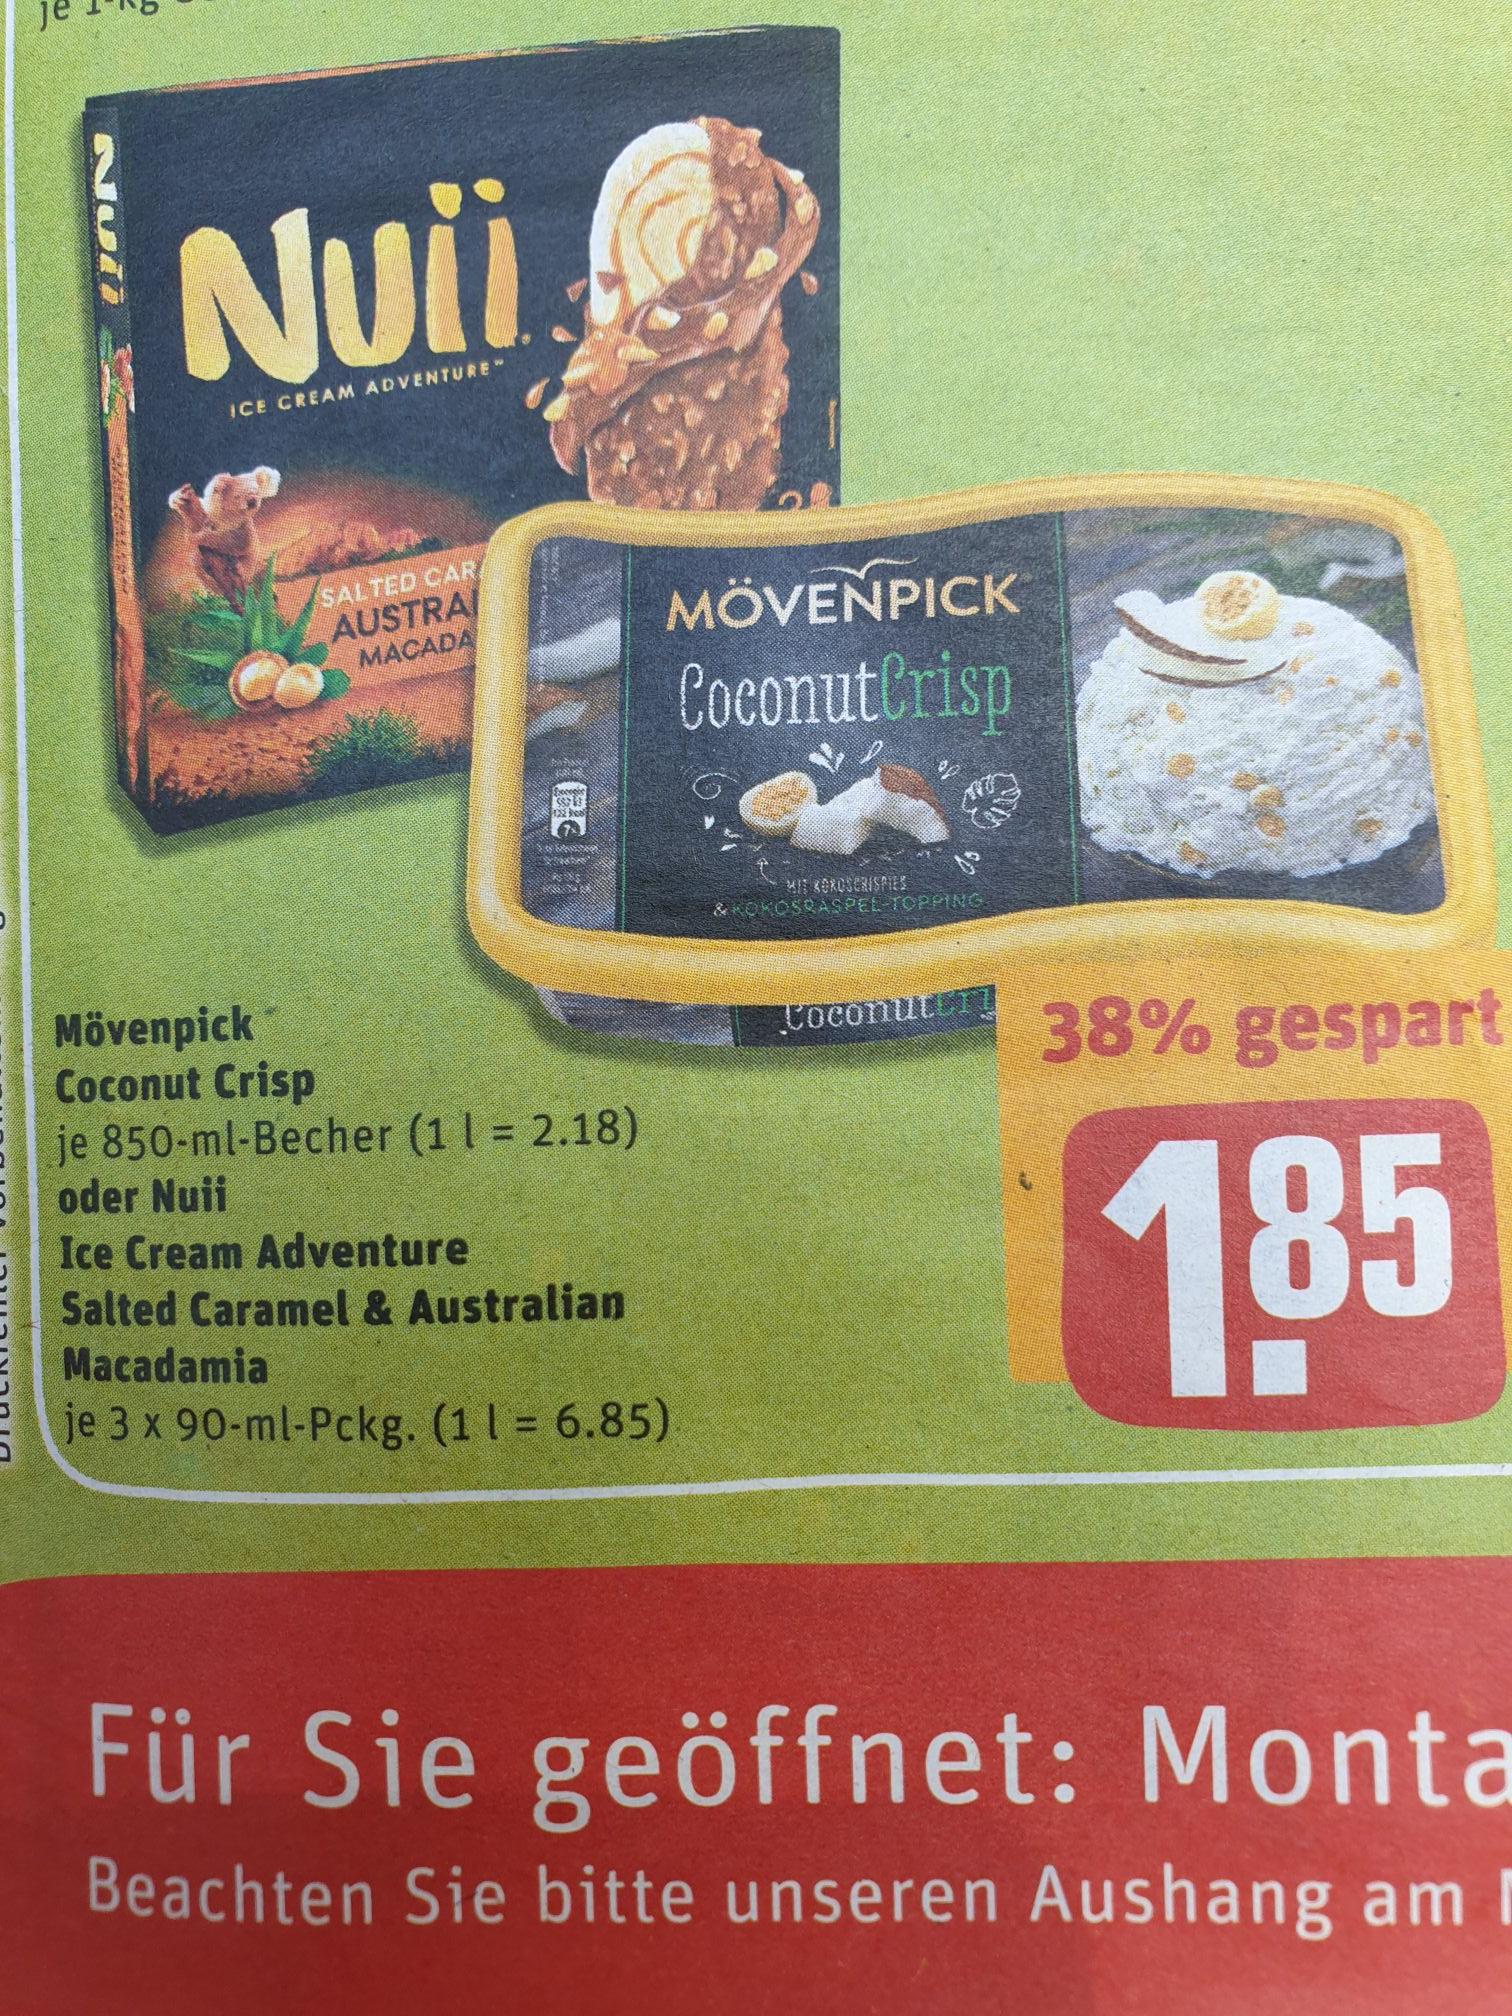 (Rewe) Mövenpick- Eiscreme bis zu 16 verschiedene Sorten für 1,85€